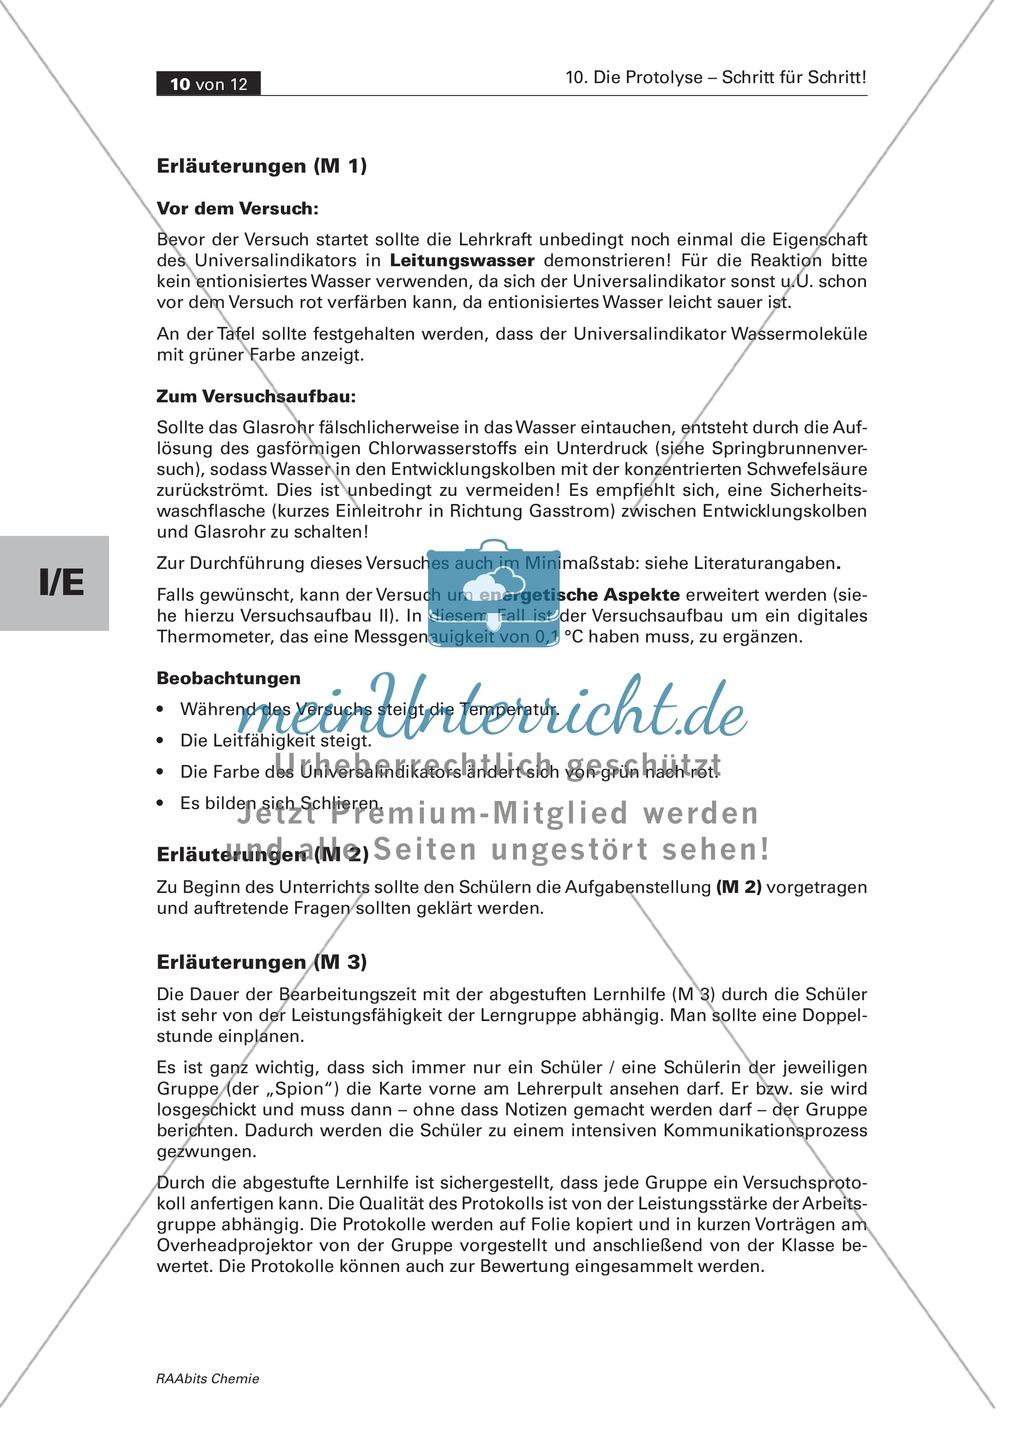 Selbstständige Erarbeitung der Protolyse mit abgestuften Lernhilfen Preview 7